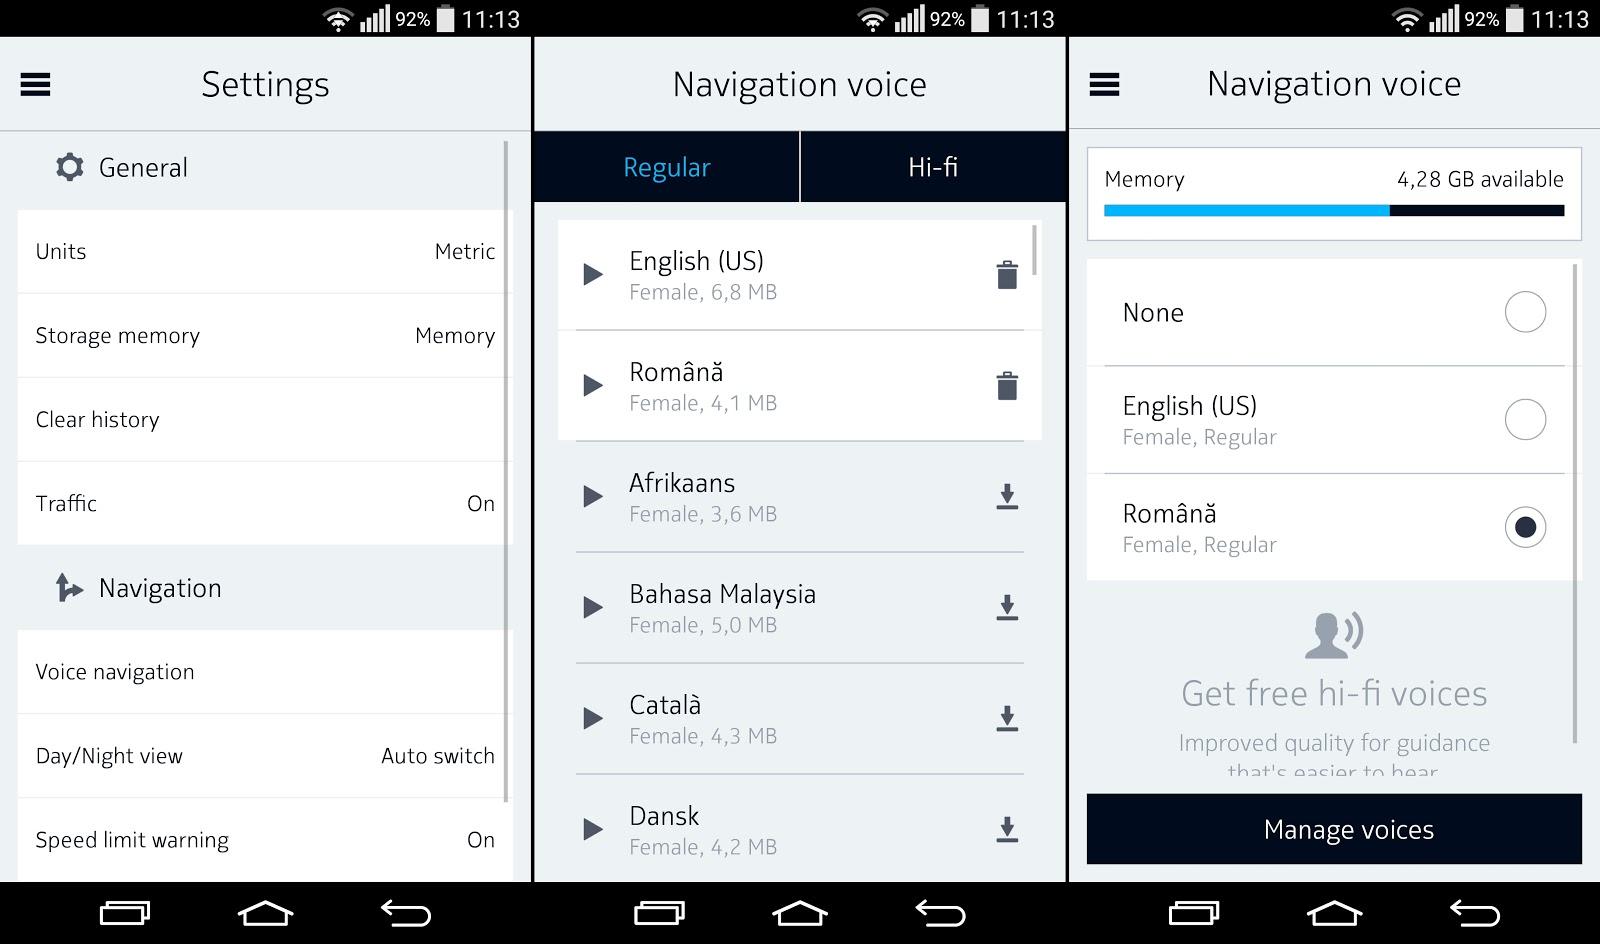 Aplicația Here Maps Beta pentru Android, primește navigare vocală În limba română